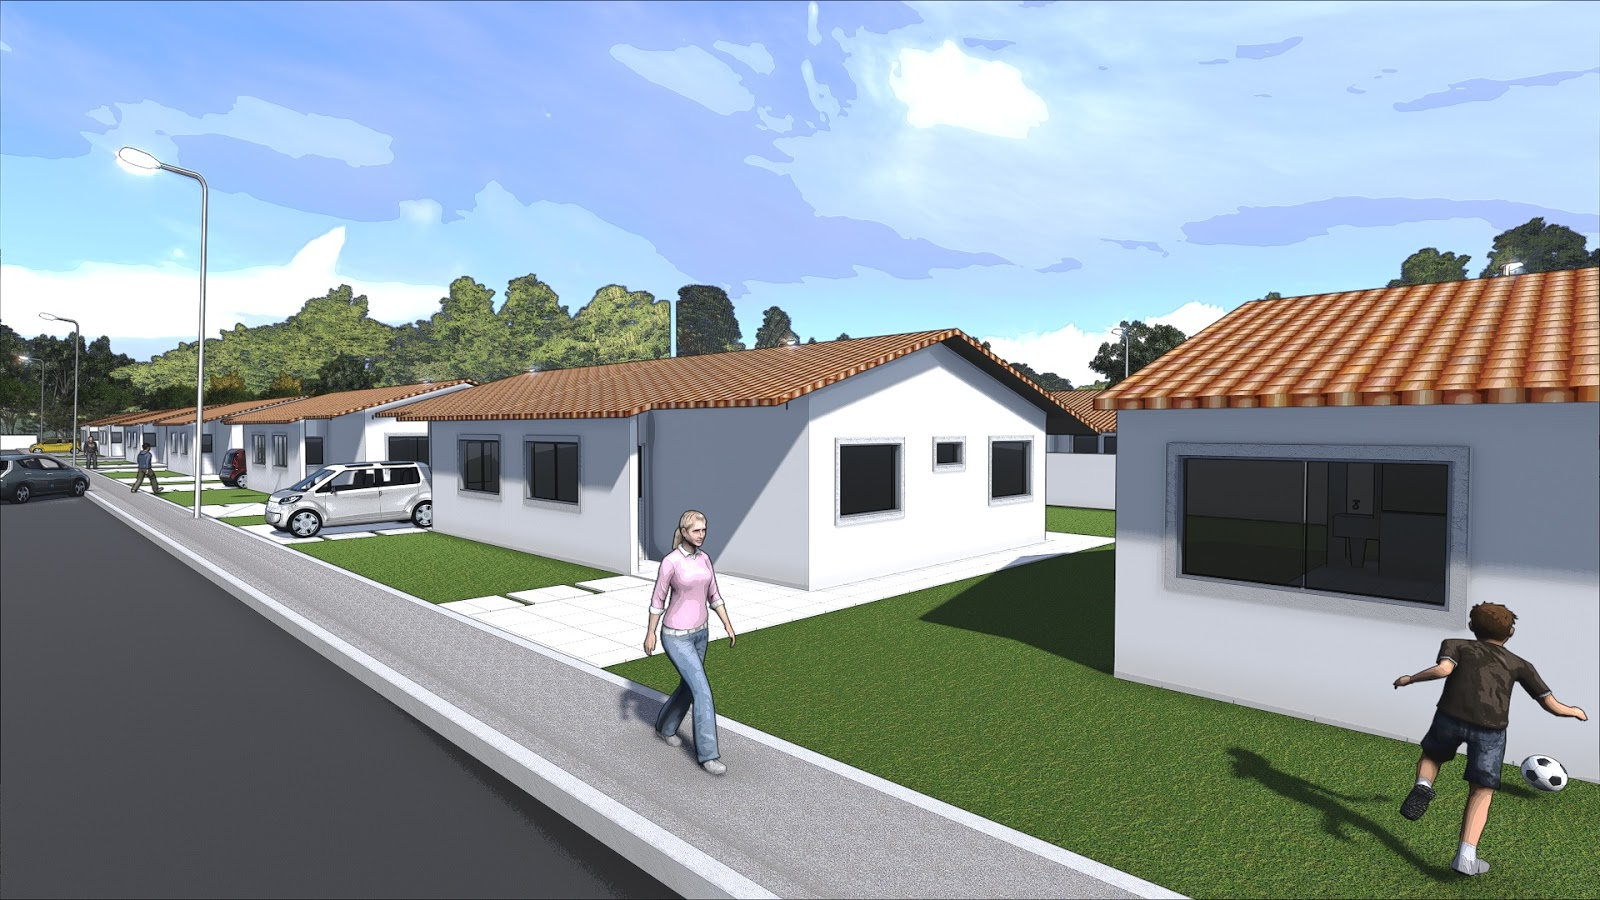 #064DC5 48 m² metros dois quantos salas cozinha e banheiro 1600x900 px Projeto Cozinha Comunitária Governo Federal_4147 Imagens